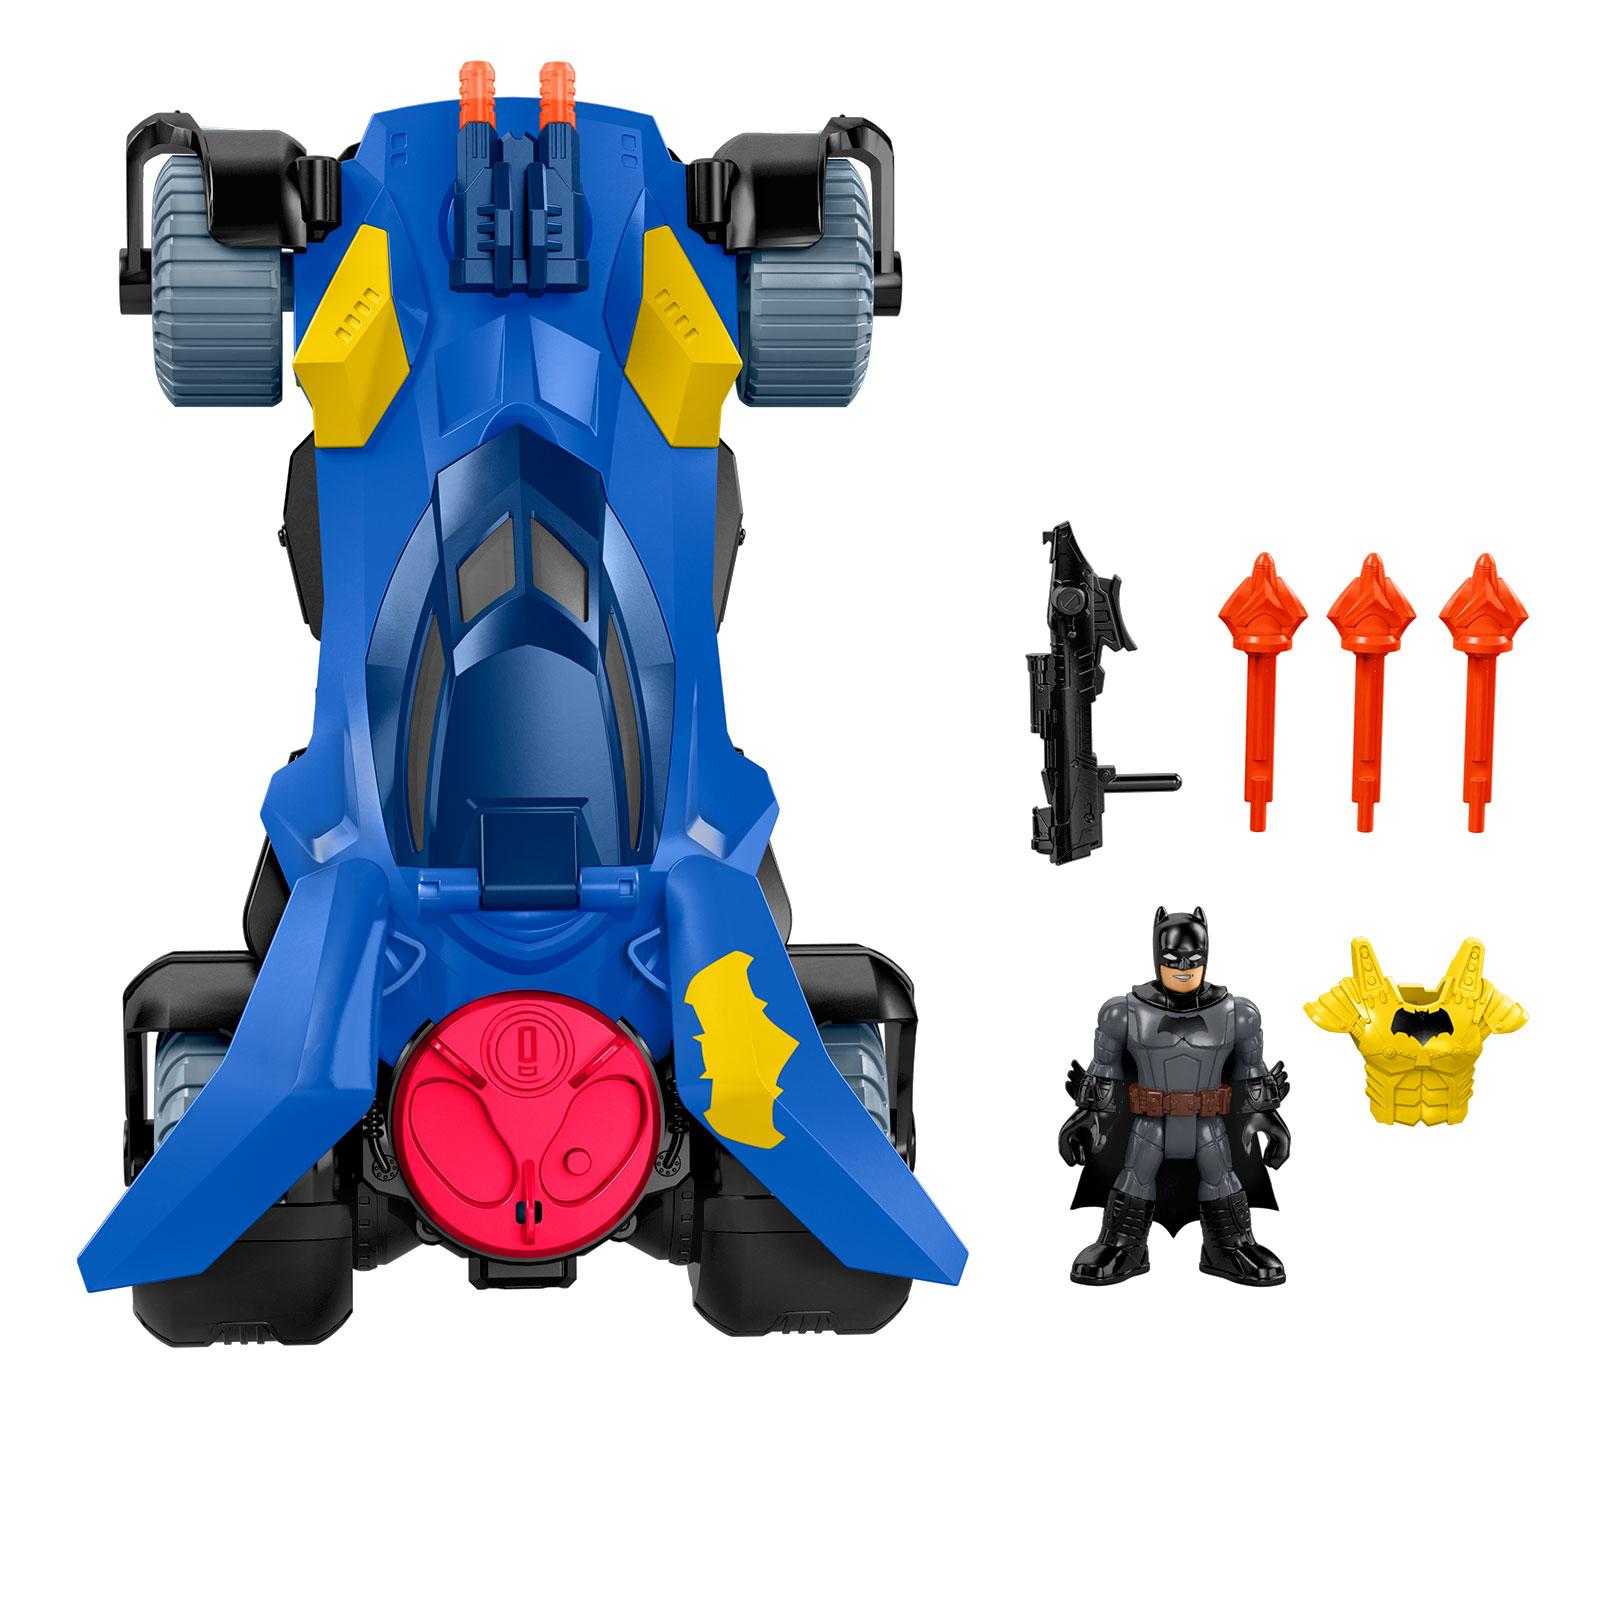 Imaginext DC Super Friends Batmobile With Batman Figure